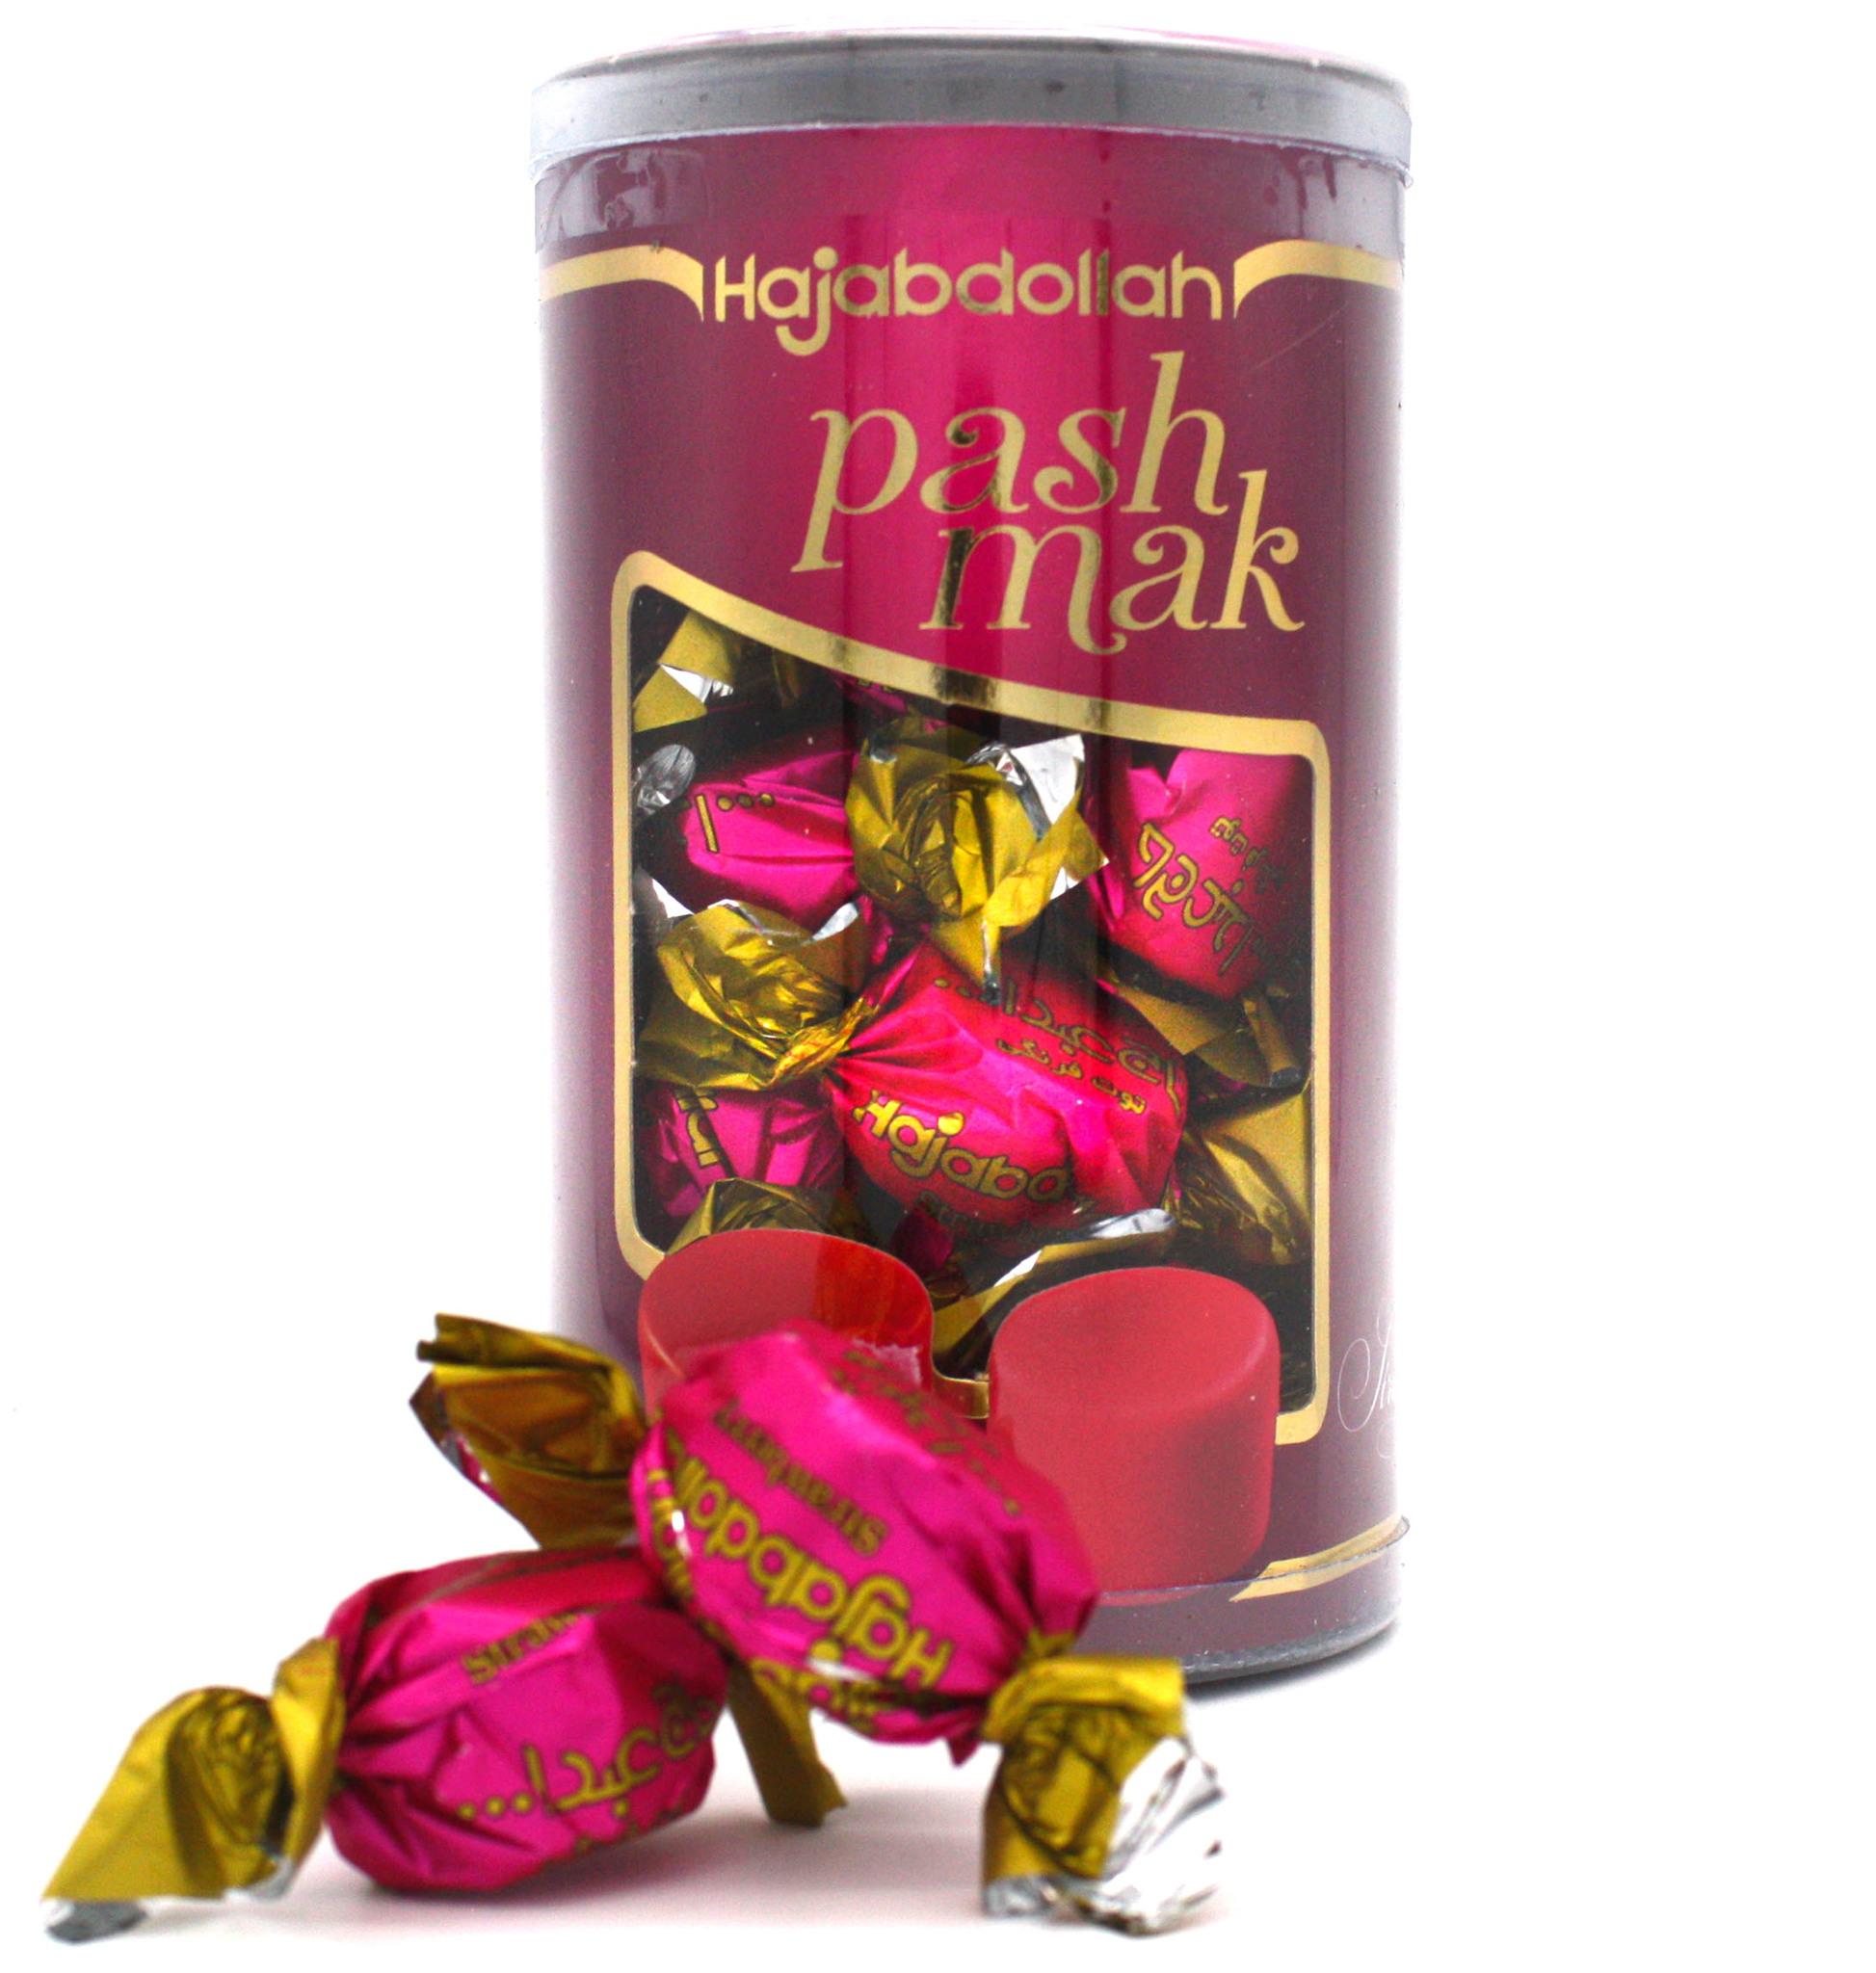 Пишмание со вкусом клубники во фруктовой глазури, Hajabdollah, 200 г import_files_45_450876e62aaa11e9a9a6484d7ecee297_8928833230f111e9a9a6484d7ecee297.jpg